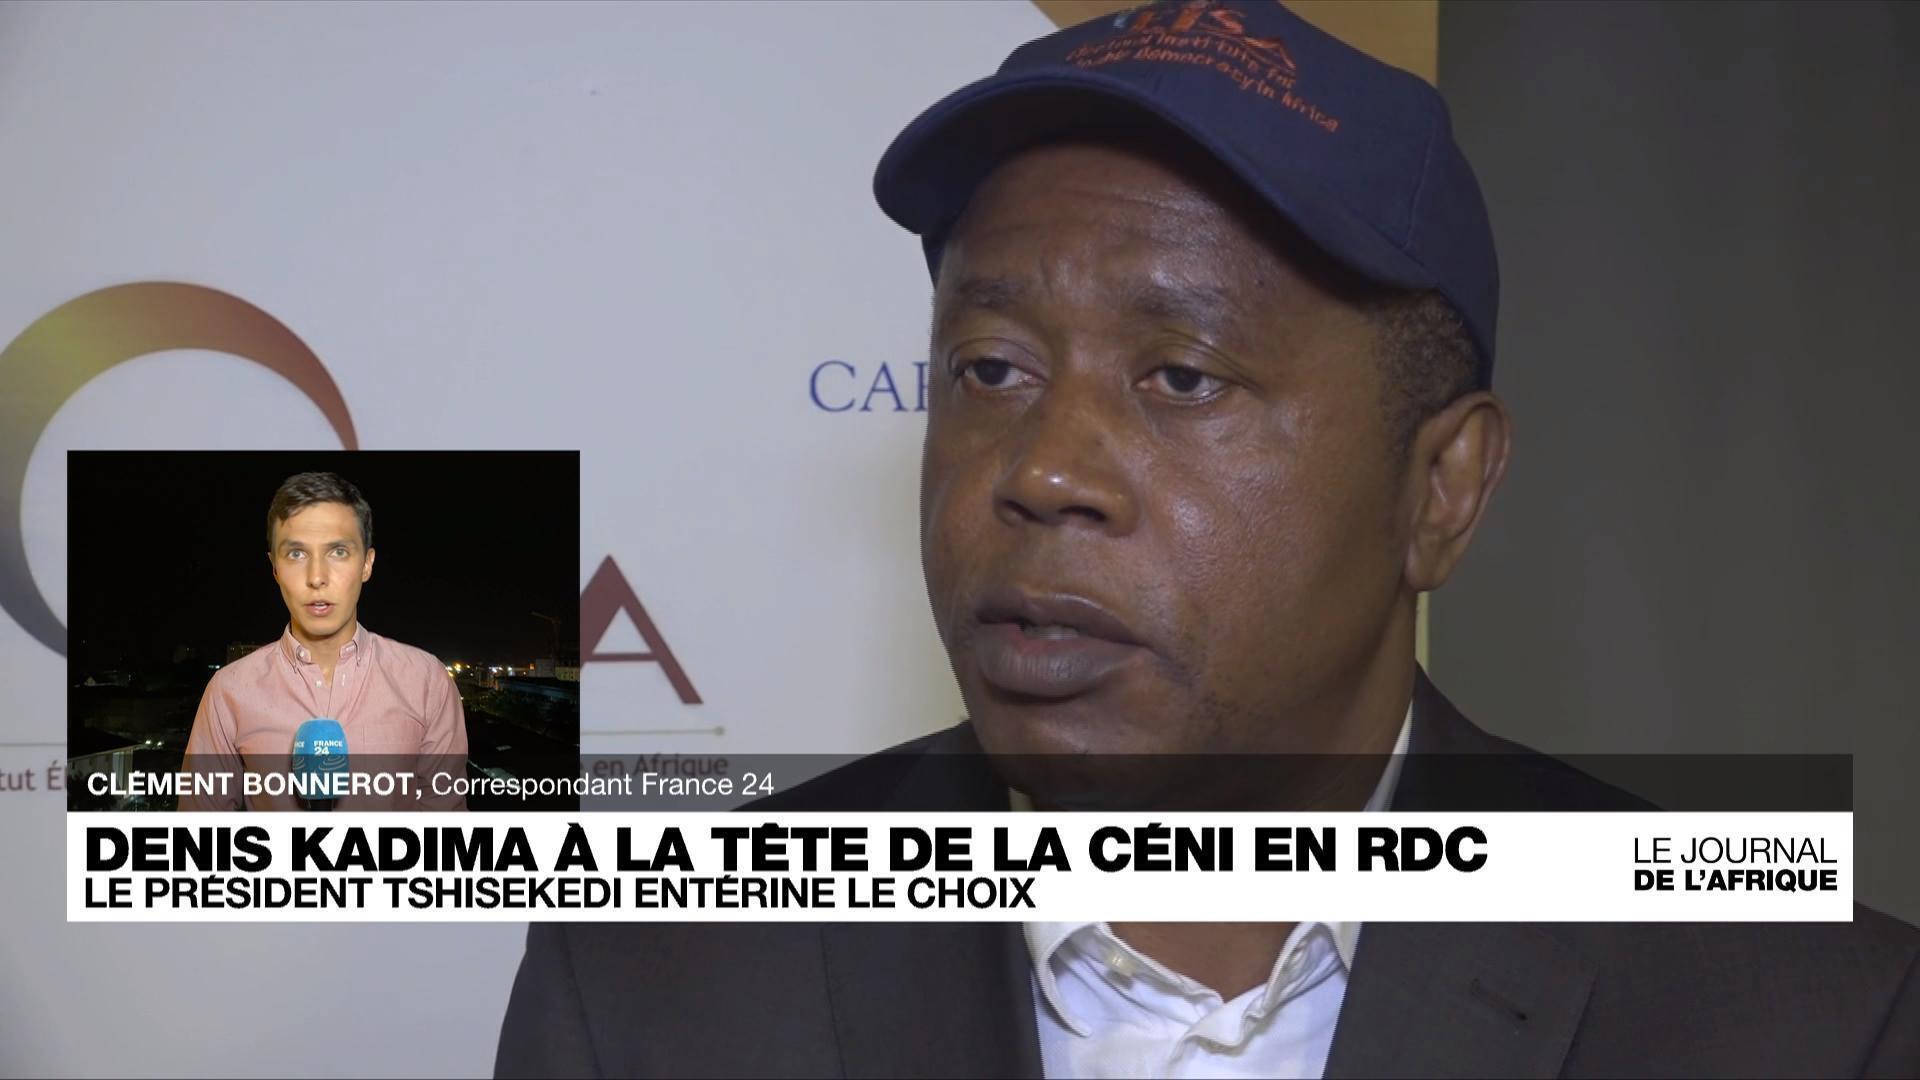 Denis Kadima choisi comme président de la CENI en RD Congo